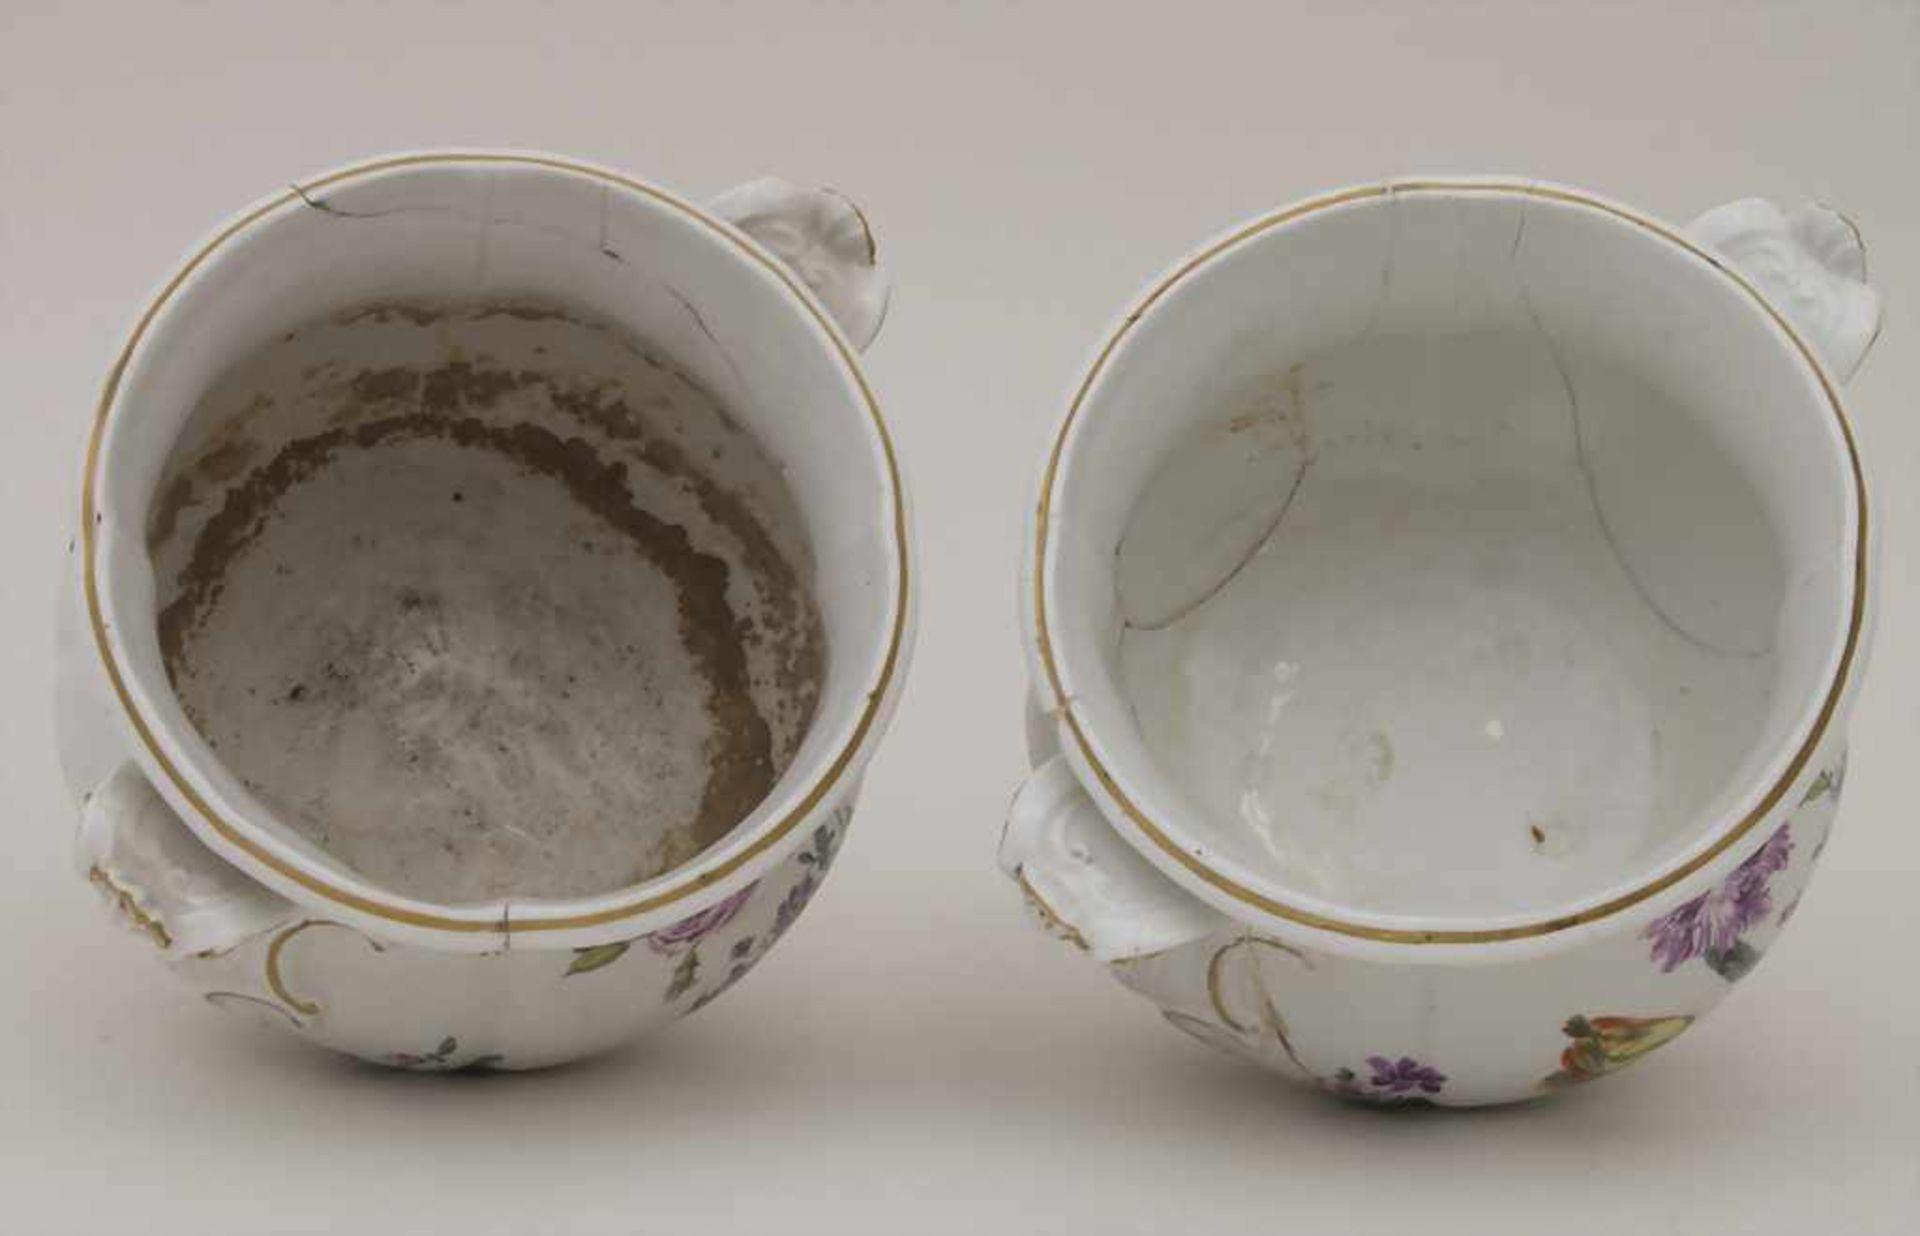 Paar frühe Cachepots mit seitlichen Handhaben / A pair of early cachepots with handles, Meissen, - Bild 7 aus 12